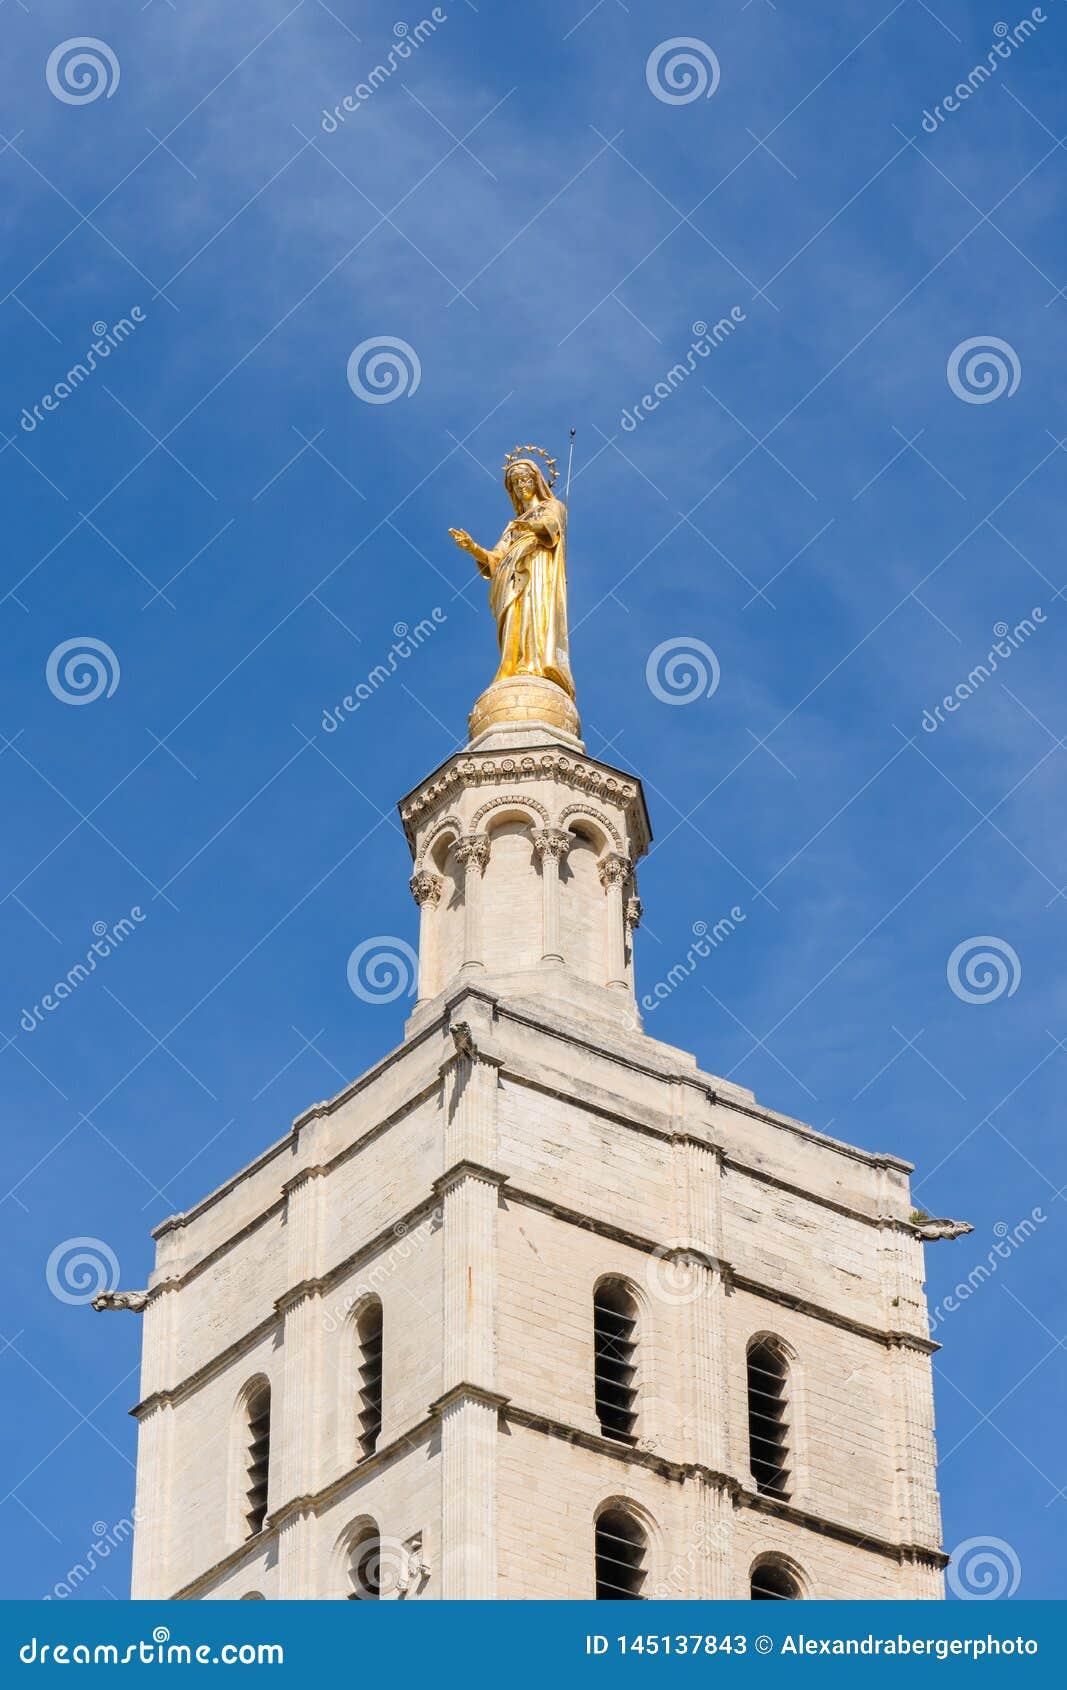 Statua dorata sulla guglia della chiesa, Avignone, Francia